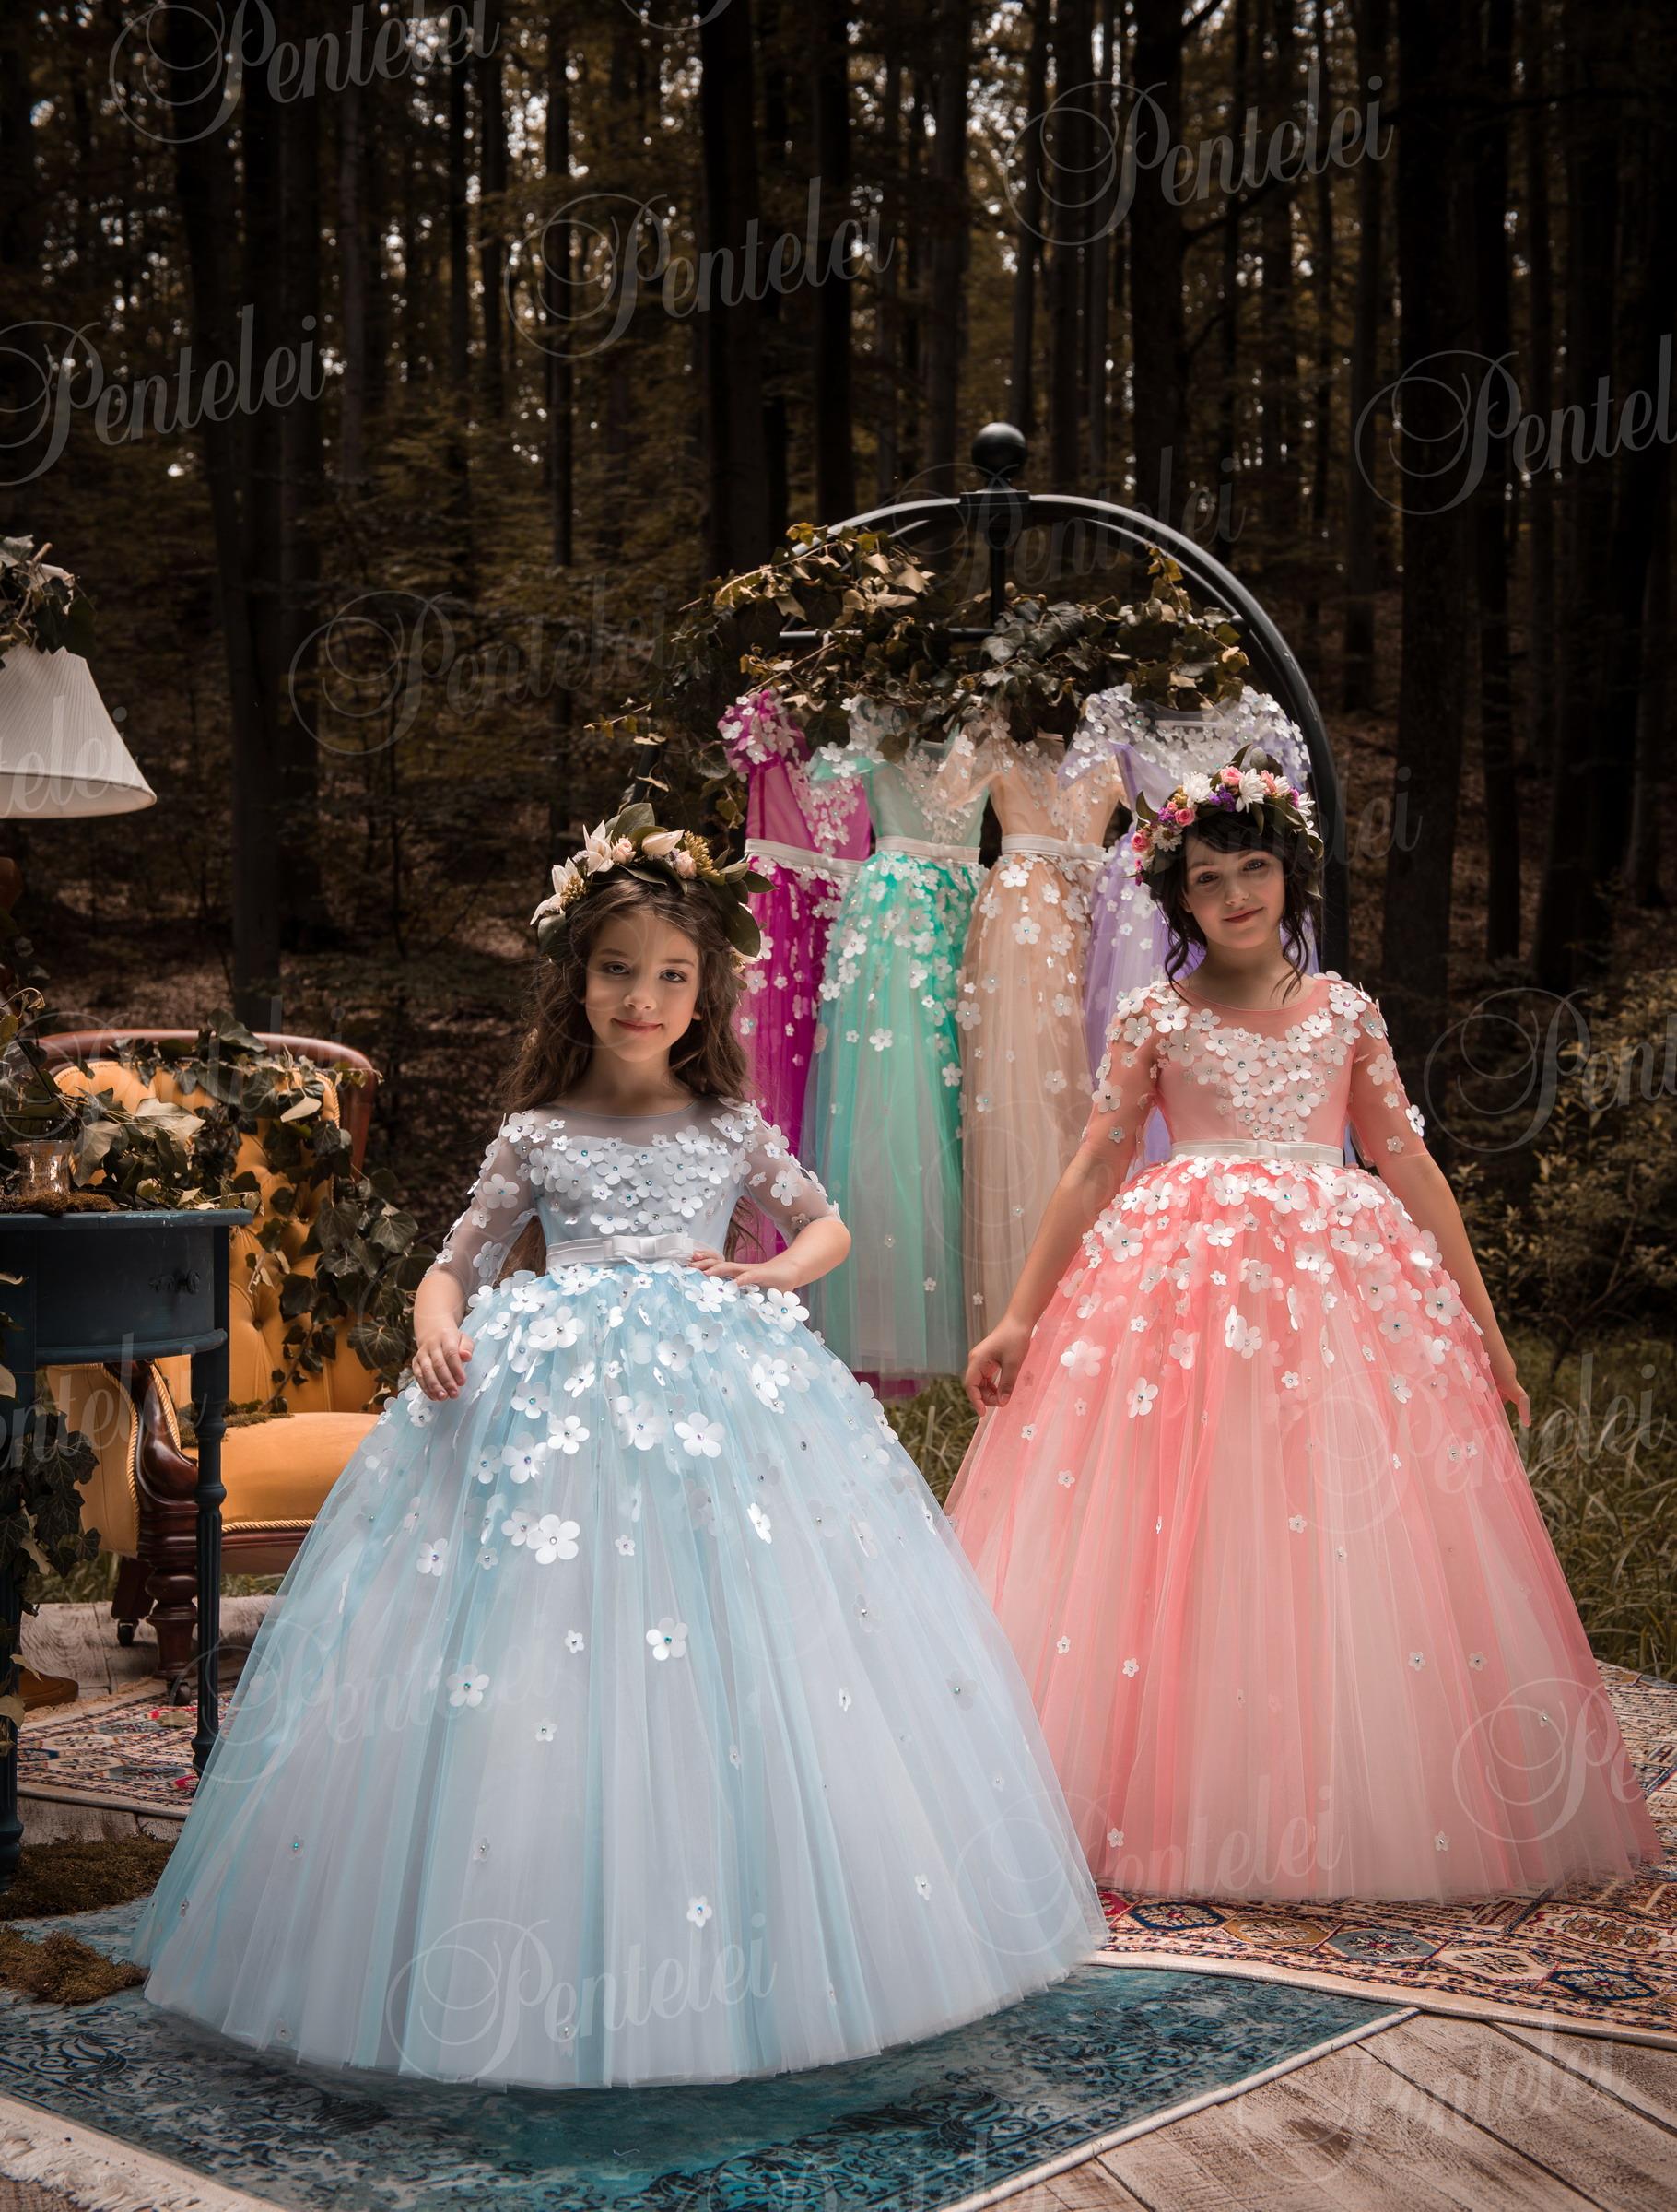 2101 | Купить детские платья оптом от Pentelei